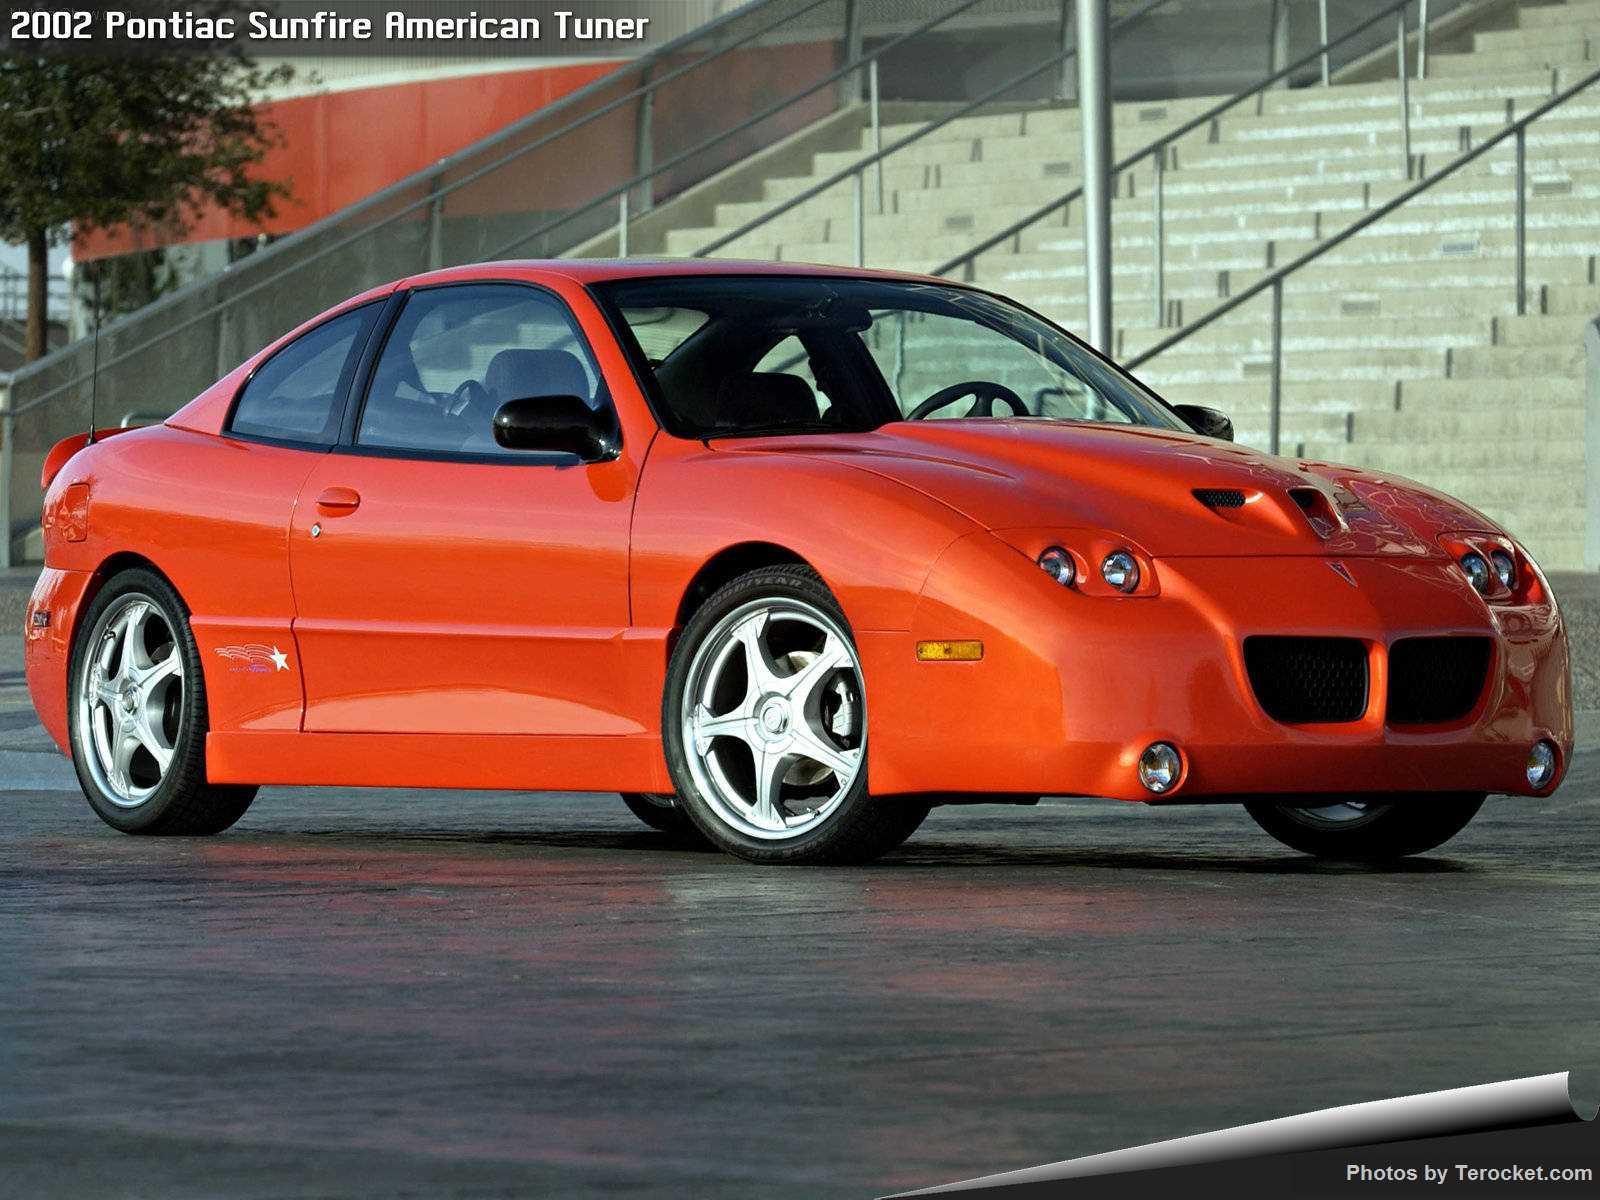 Hình ảnh xe ô tô Pontiac Sunfire American Tuner 2002 & nội ngoại thất